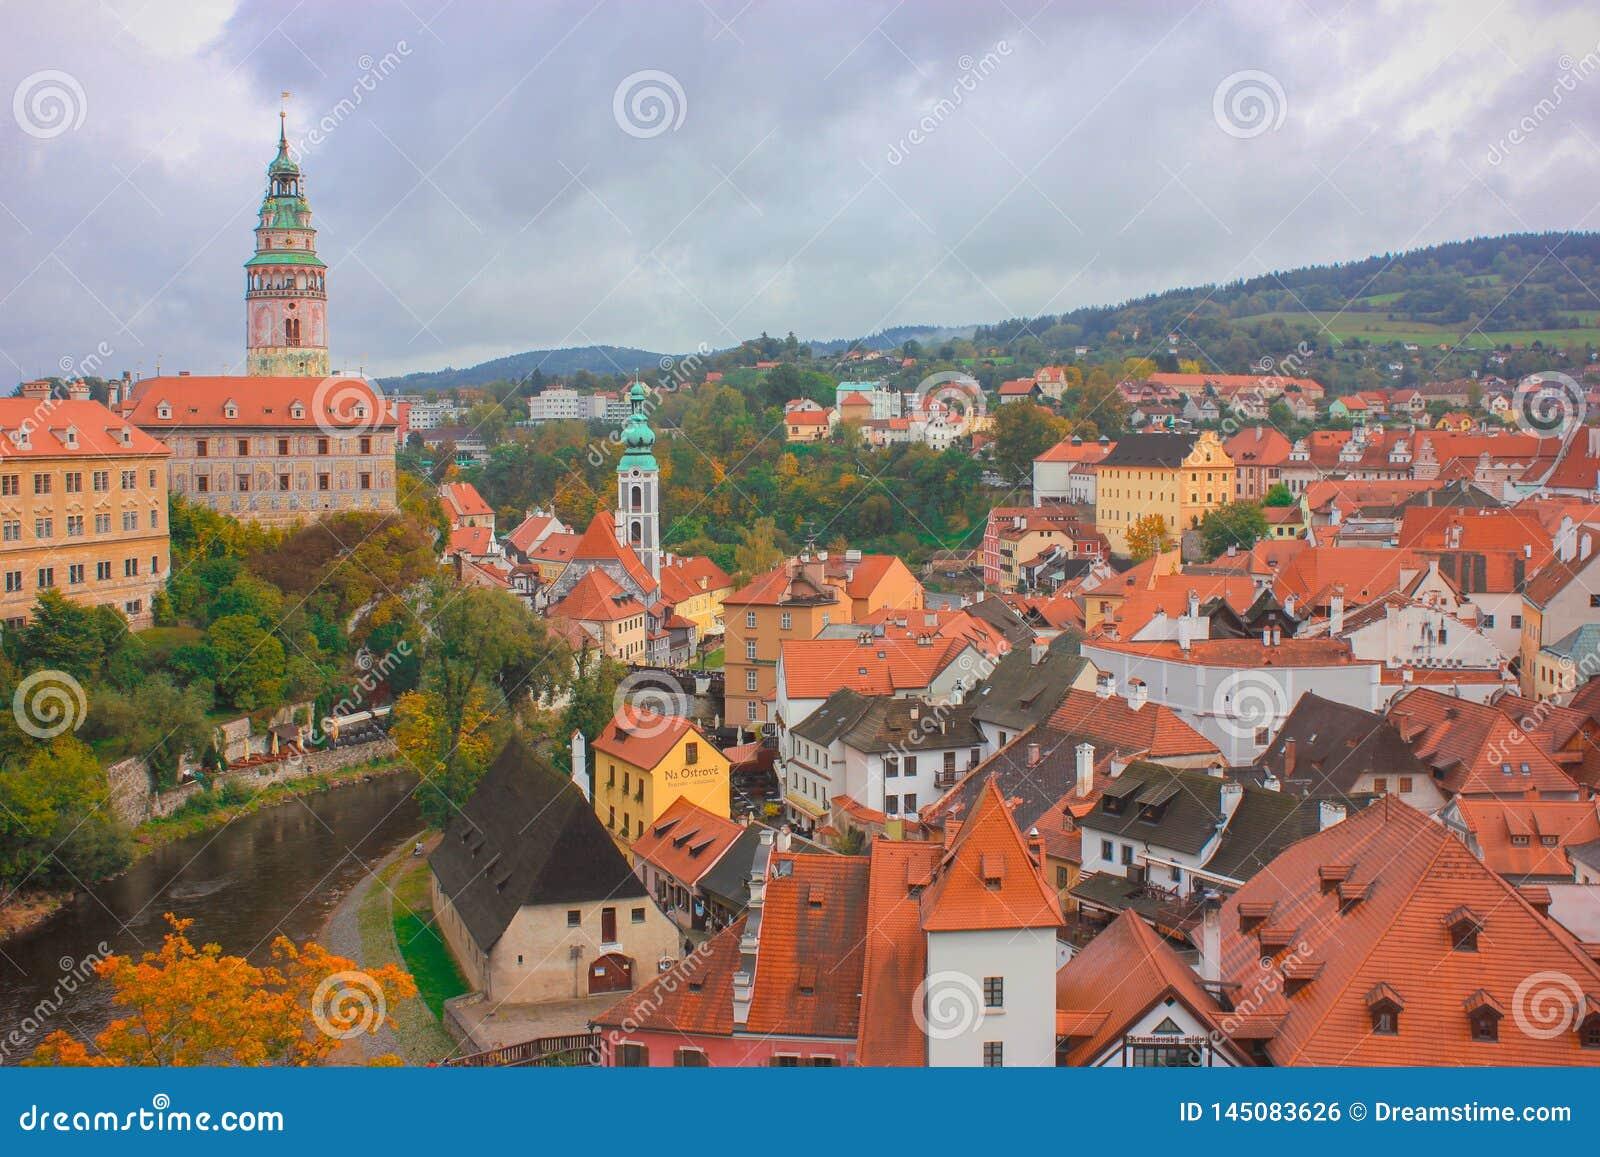 Η πόλη του 5$α  eskà ½ Krumlov η κάμψη του ποταμού Vltava, ο οποίος μοιάζει με το